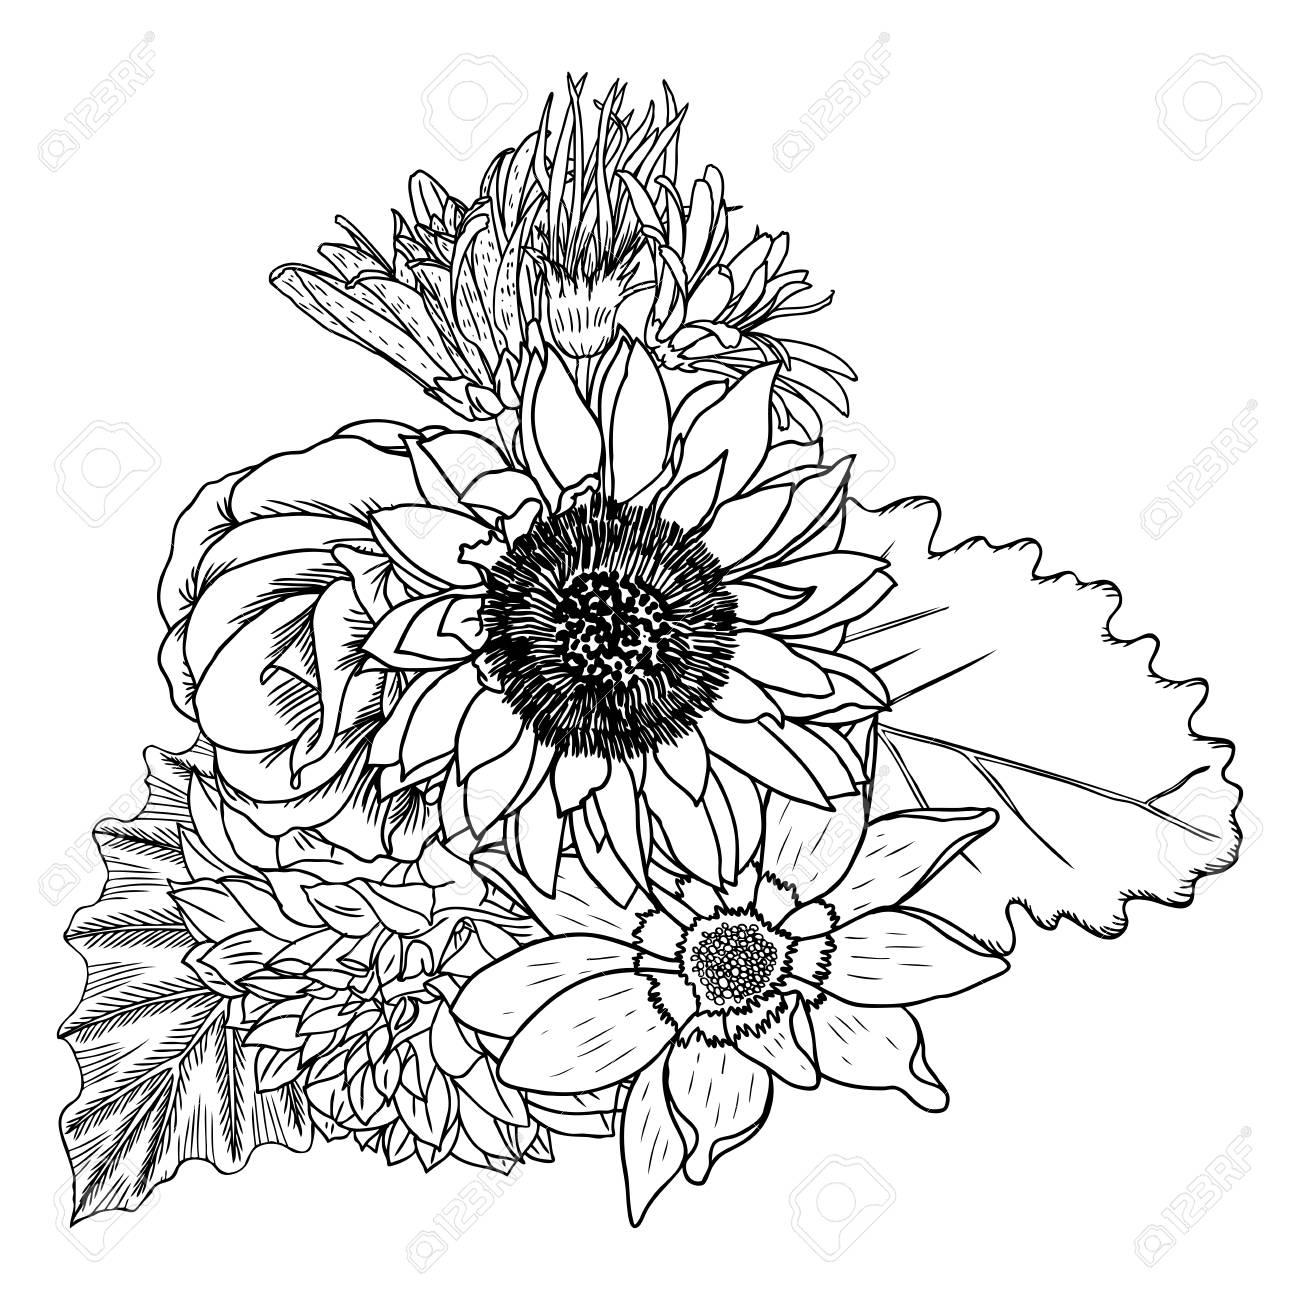 Banque d\u0027images , Fleurs. Bouquet de différentes fleurs dessinées à la  main. Vintage noir blanc et isolé, peut être utilisé comme invitation,  carte de voeux